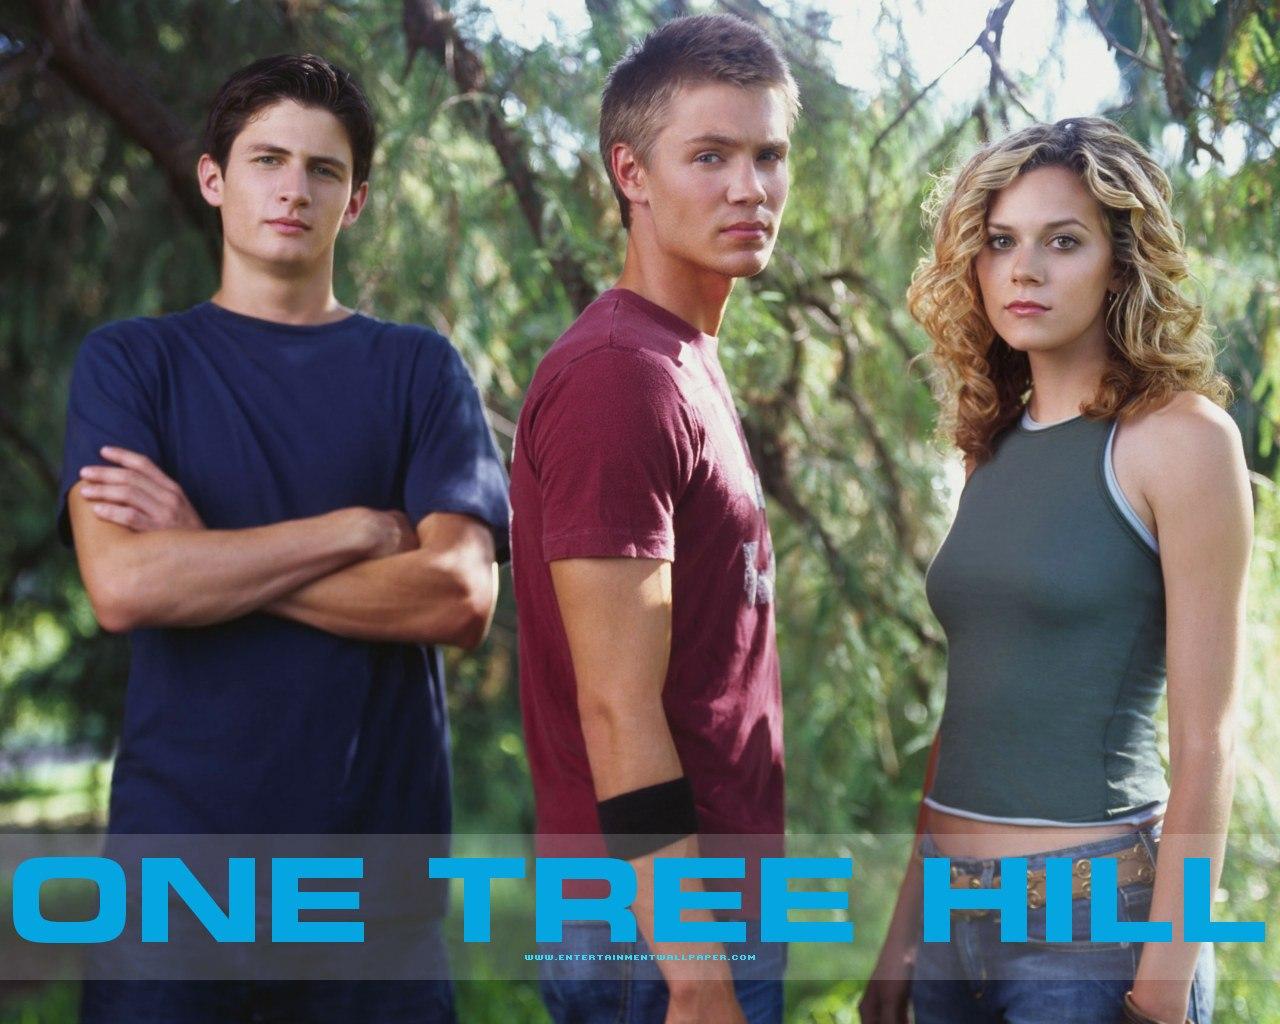 http://3.bp.blogspot.com/_TM4akkZhfag/TP8HbcIwptI/AAAAAAAAANc/q90A3VU3dhQ/s1600/one_tree_hill_wallpaper_1280x1024_6.jpg